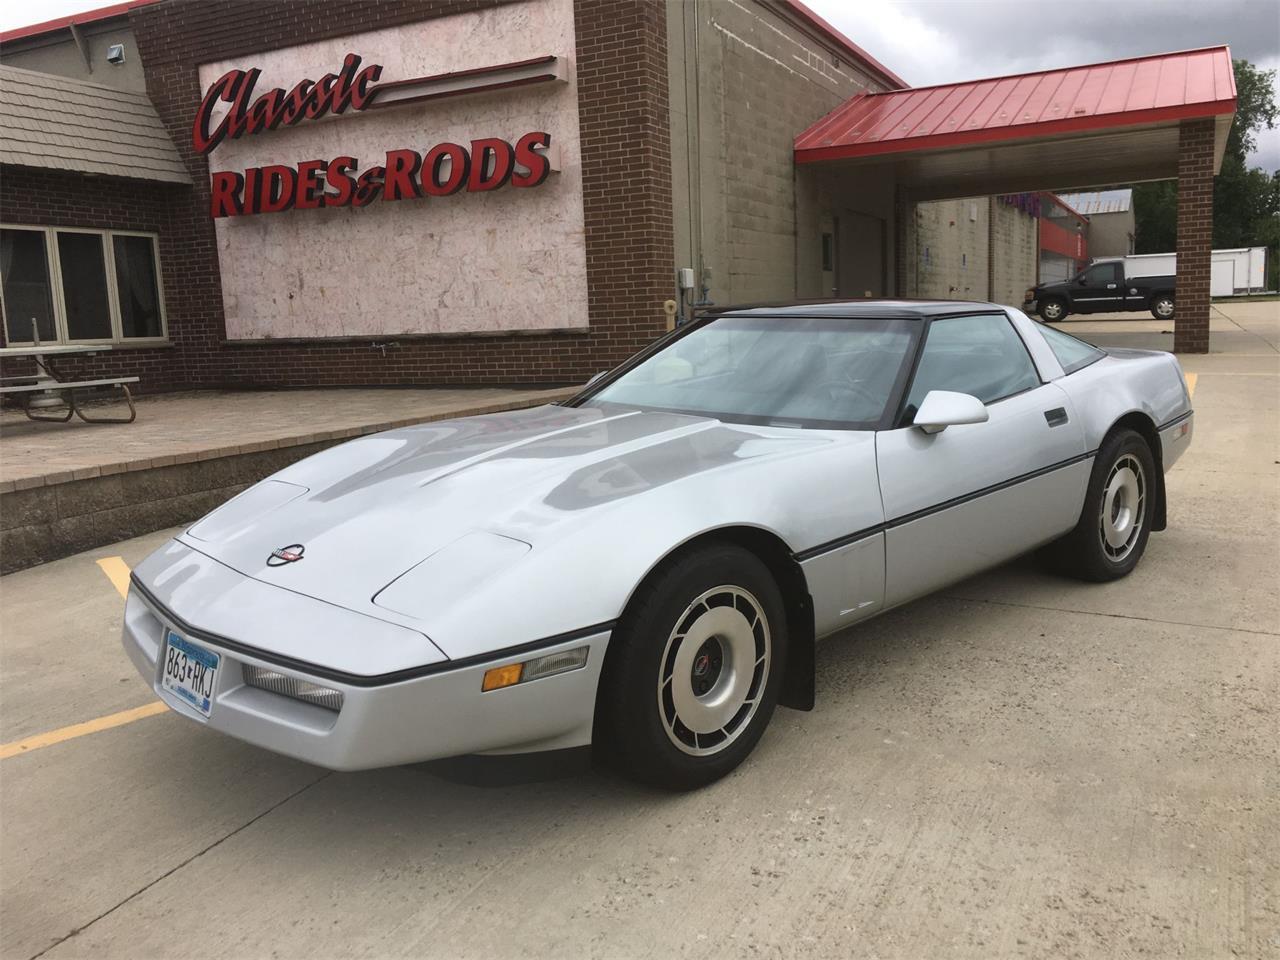 Large Picture of 1984 Chevrolet Corvette - $11,500.00 - LME4